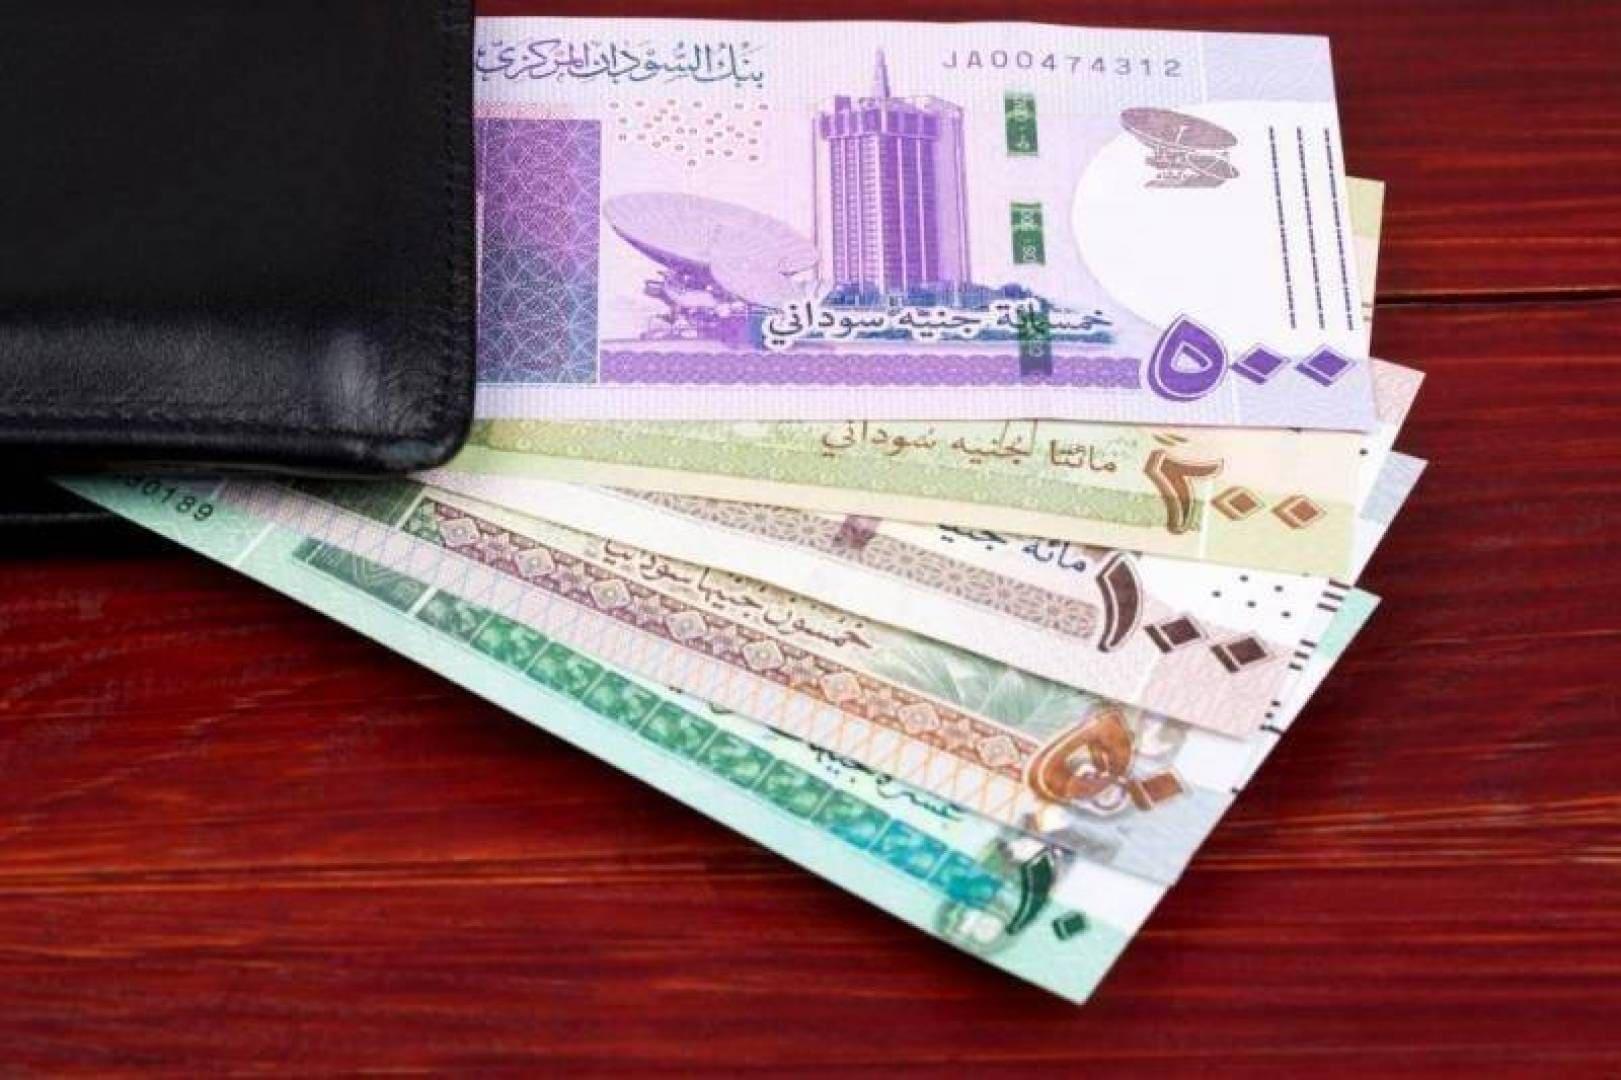 طالع الان سعر الدولار في السودان اليوم الثلاثاء 5-10-2021 في السوق السوداء مقابل الجنيه السوداني